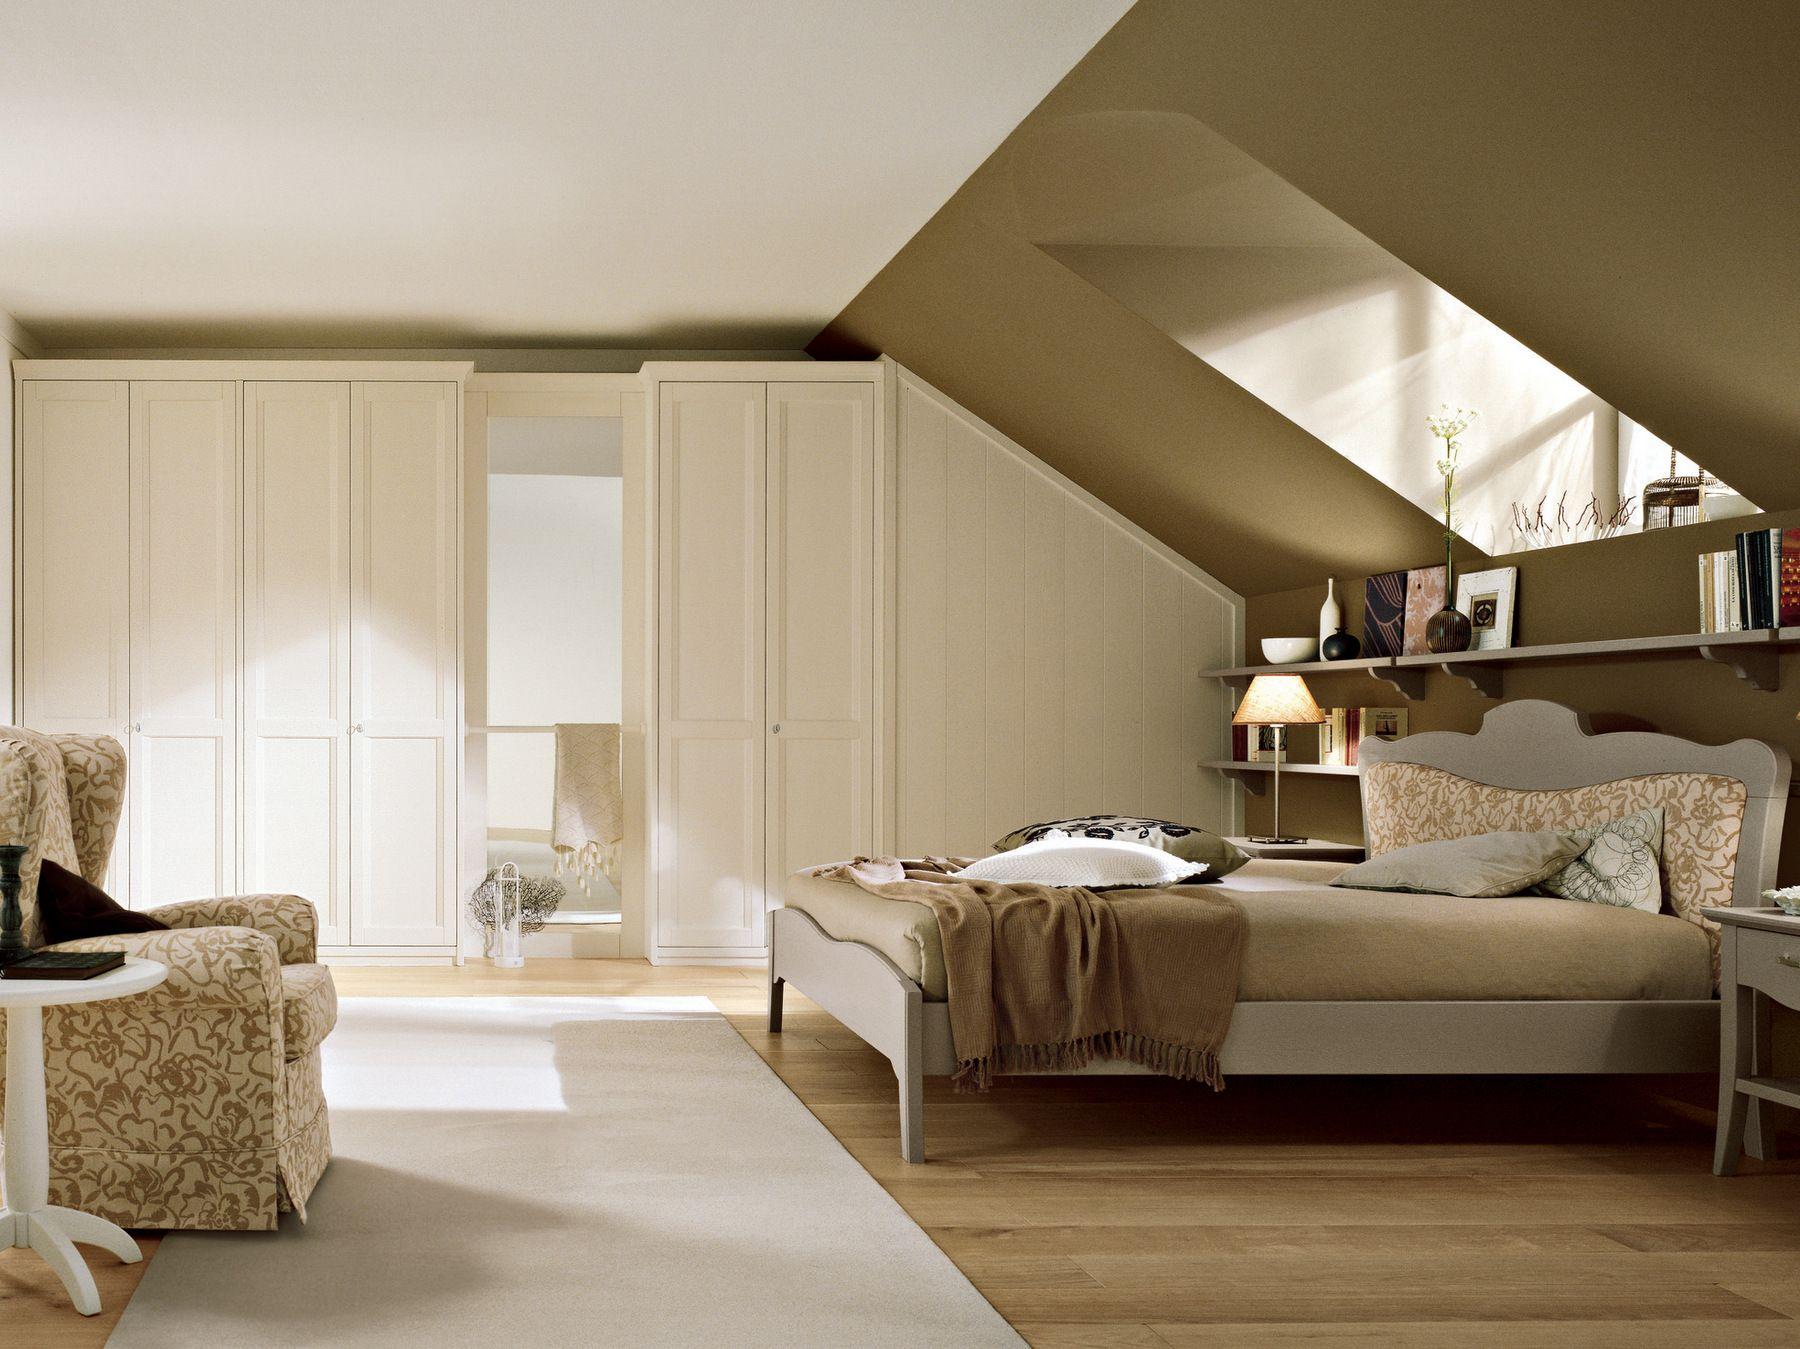 Camera da letto in abete nuovo mondo n05 by scandola mobili for Scandola mobili